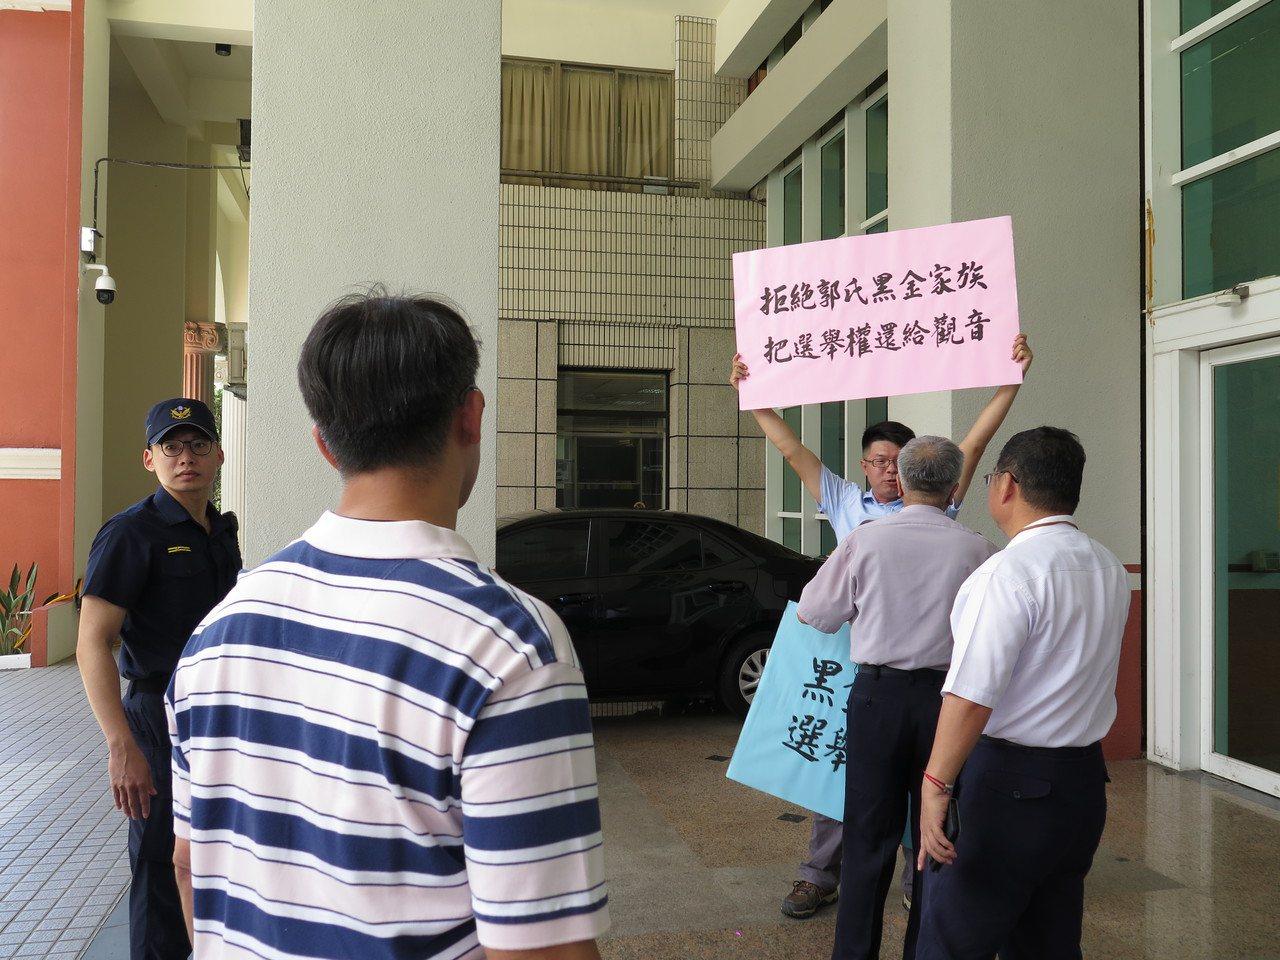 桃市議員郭蔡美英遞補今就任 議員落選人場外抗議